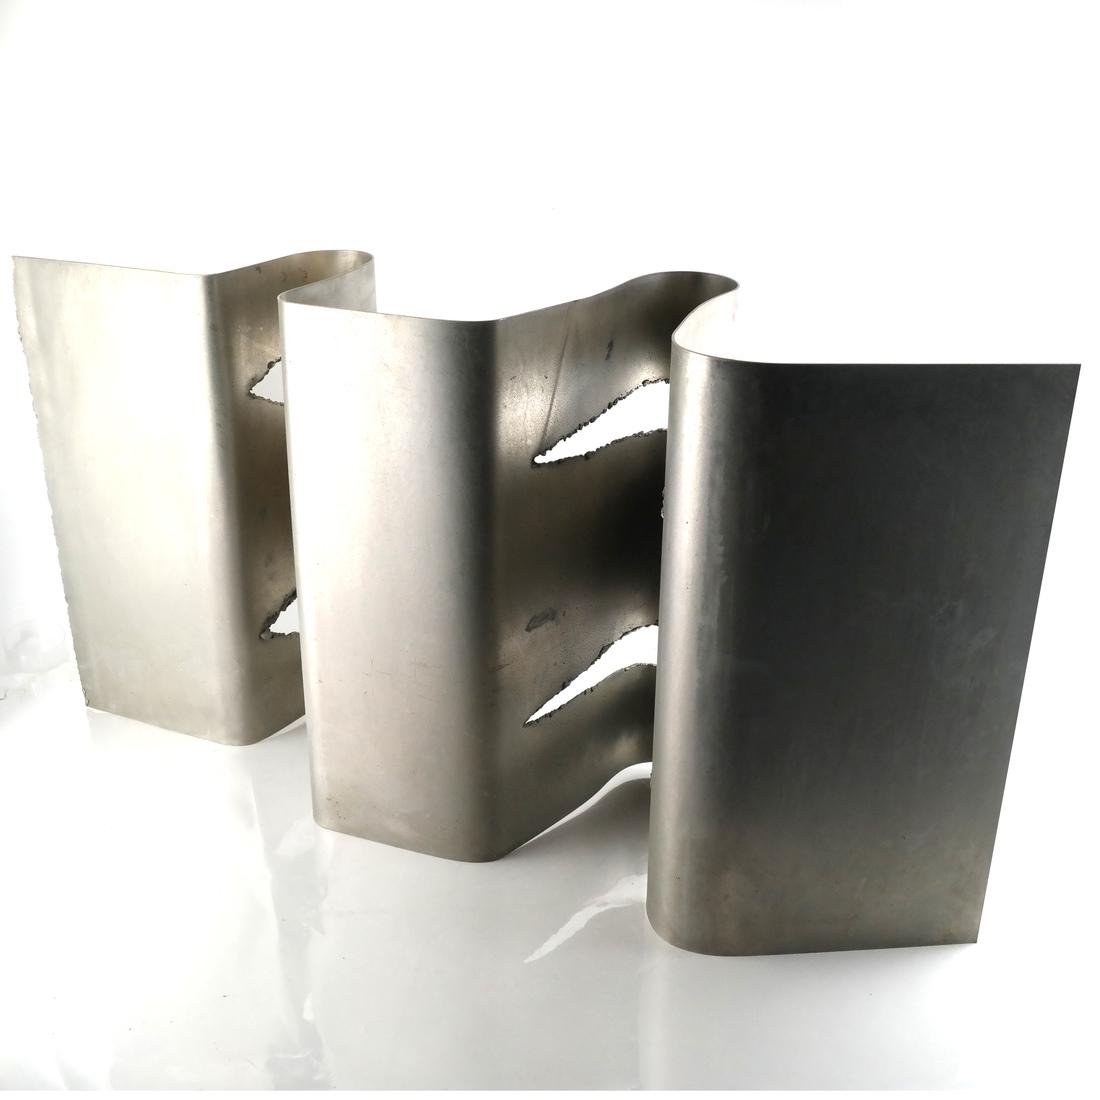 Lila Katzen Steel Sculpture - 4